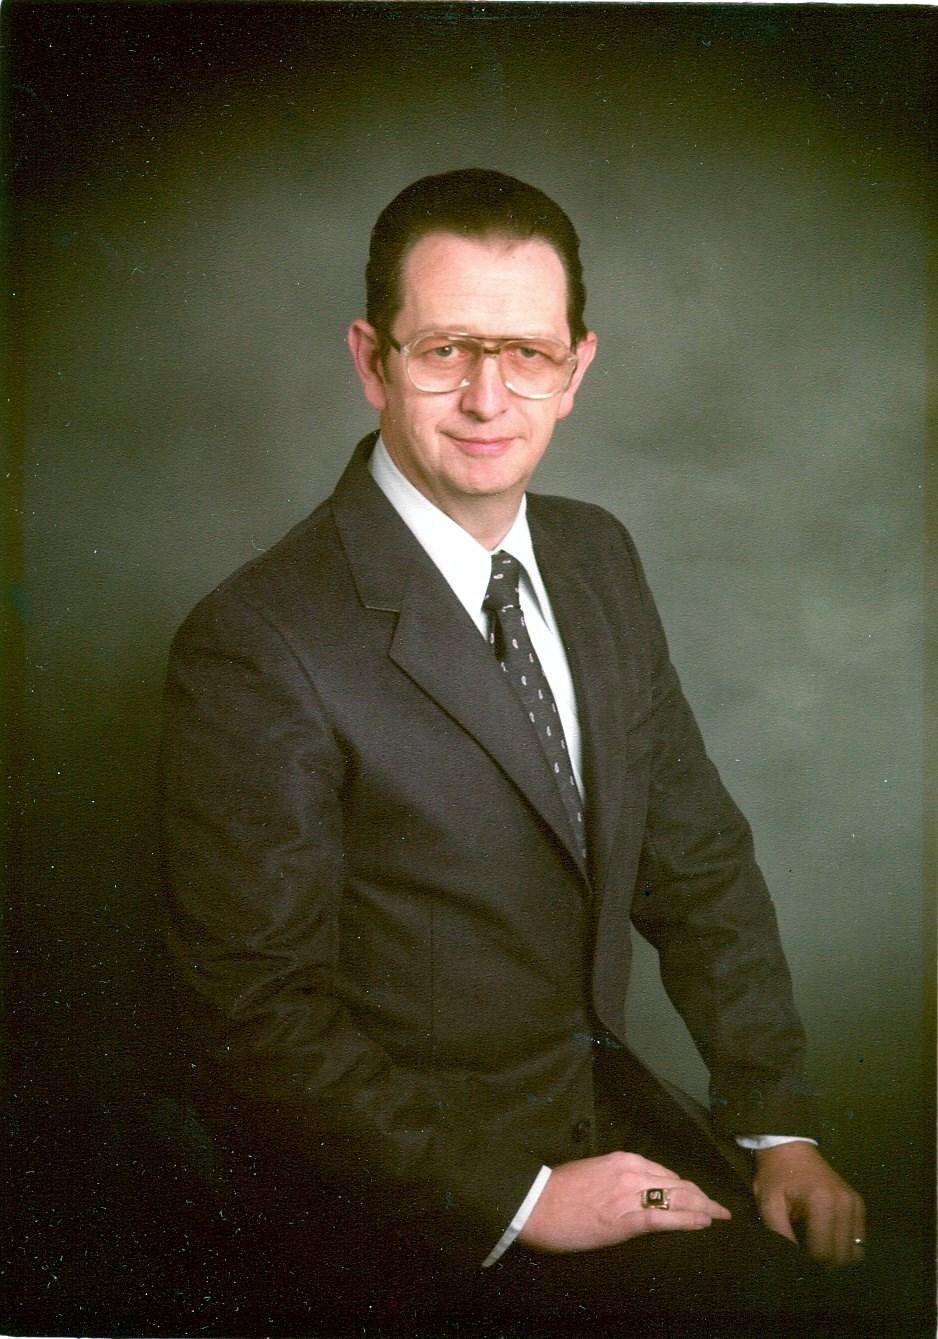 J. Darrell  Schmidt